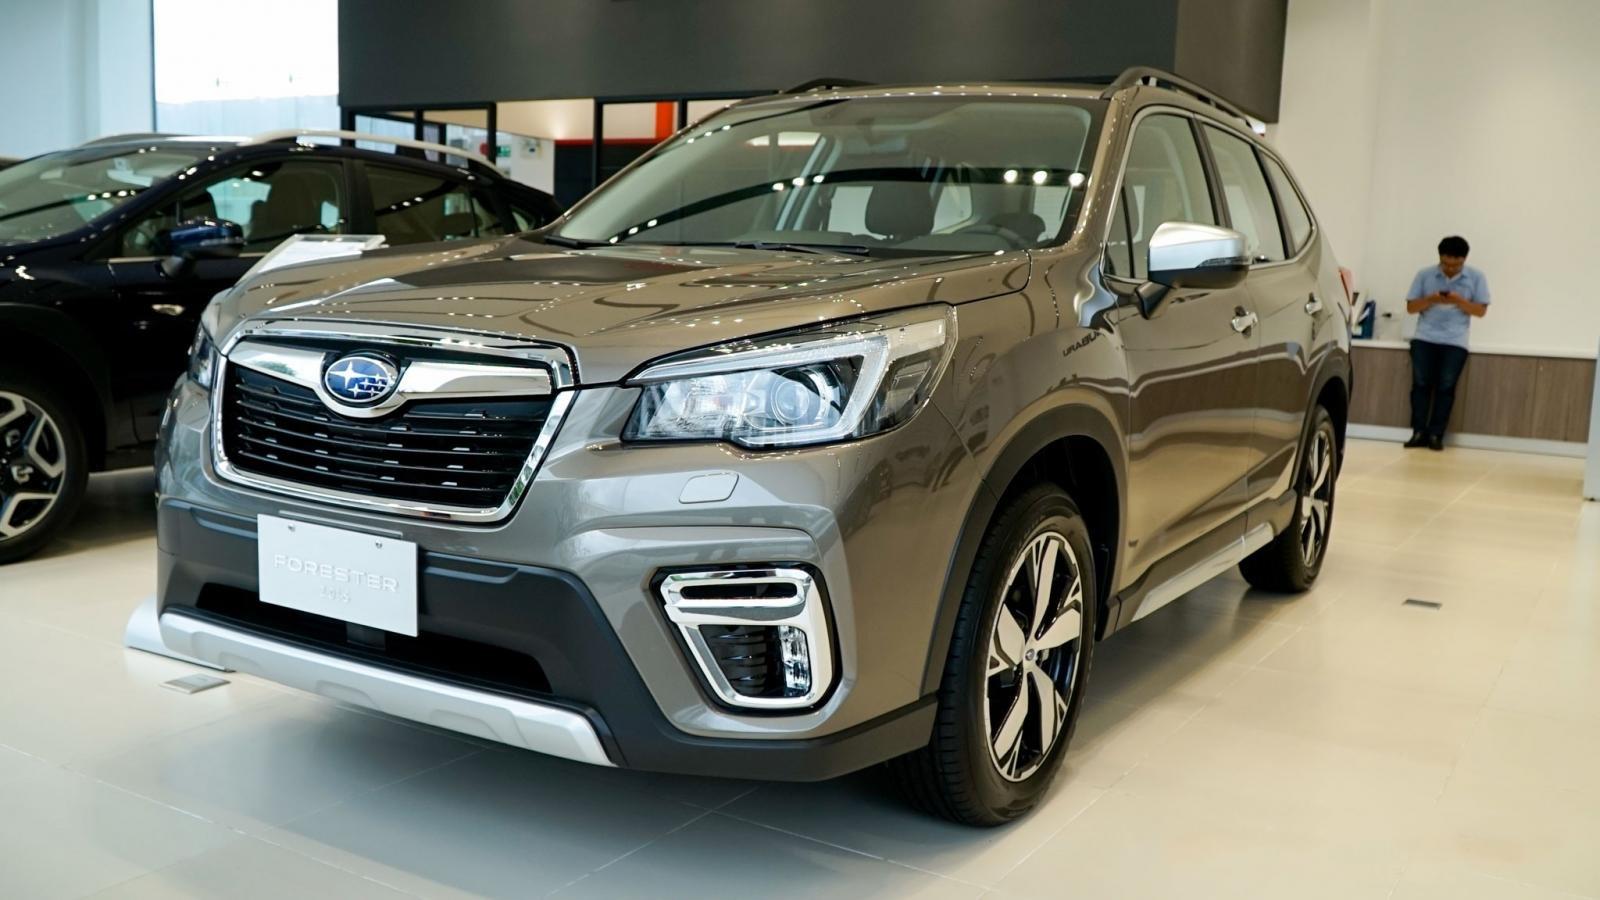 Subaru Forester 2019 ra mắt ngay tại sự kiện khai trương showroom mới của hãng 5a